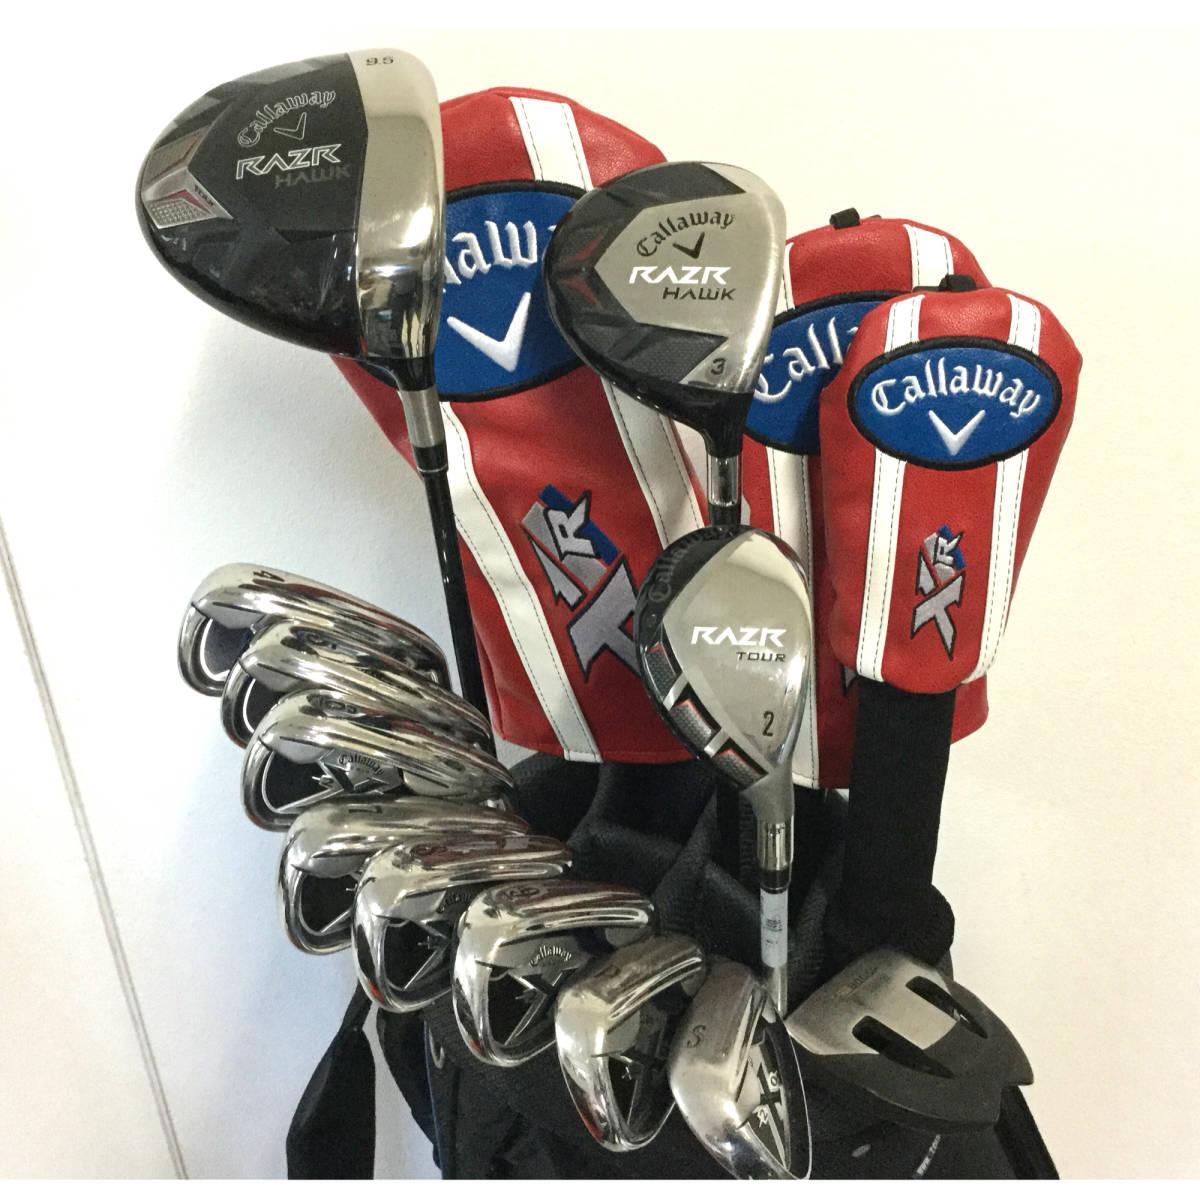 大人気キャロウェイ RAZRシリーズ&X20アイアン!グリップ綺麗です☆初めてのゴルフセットにおススメ!